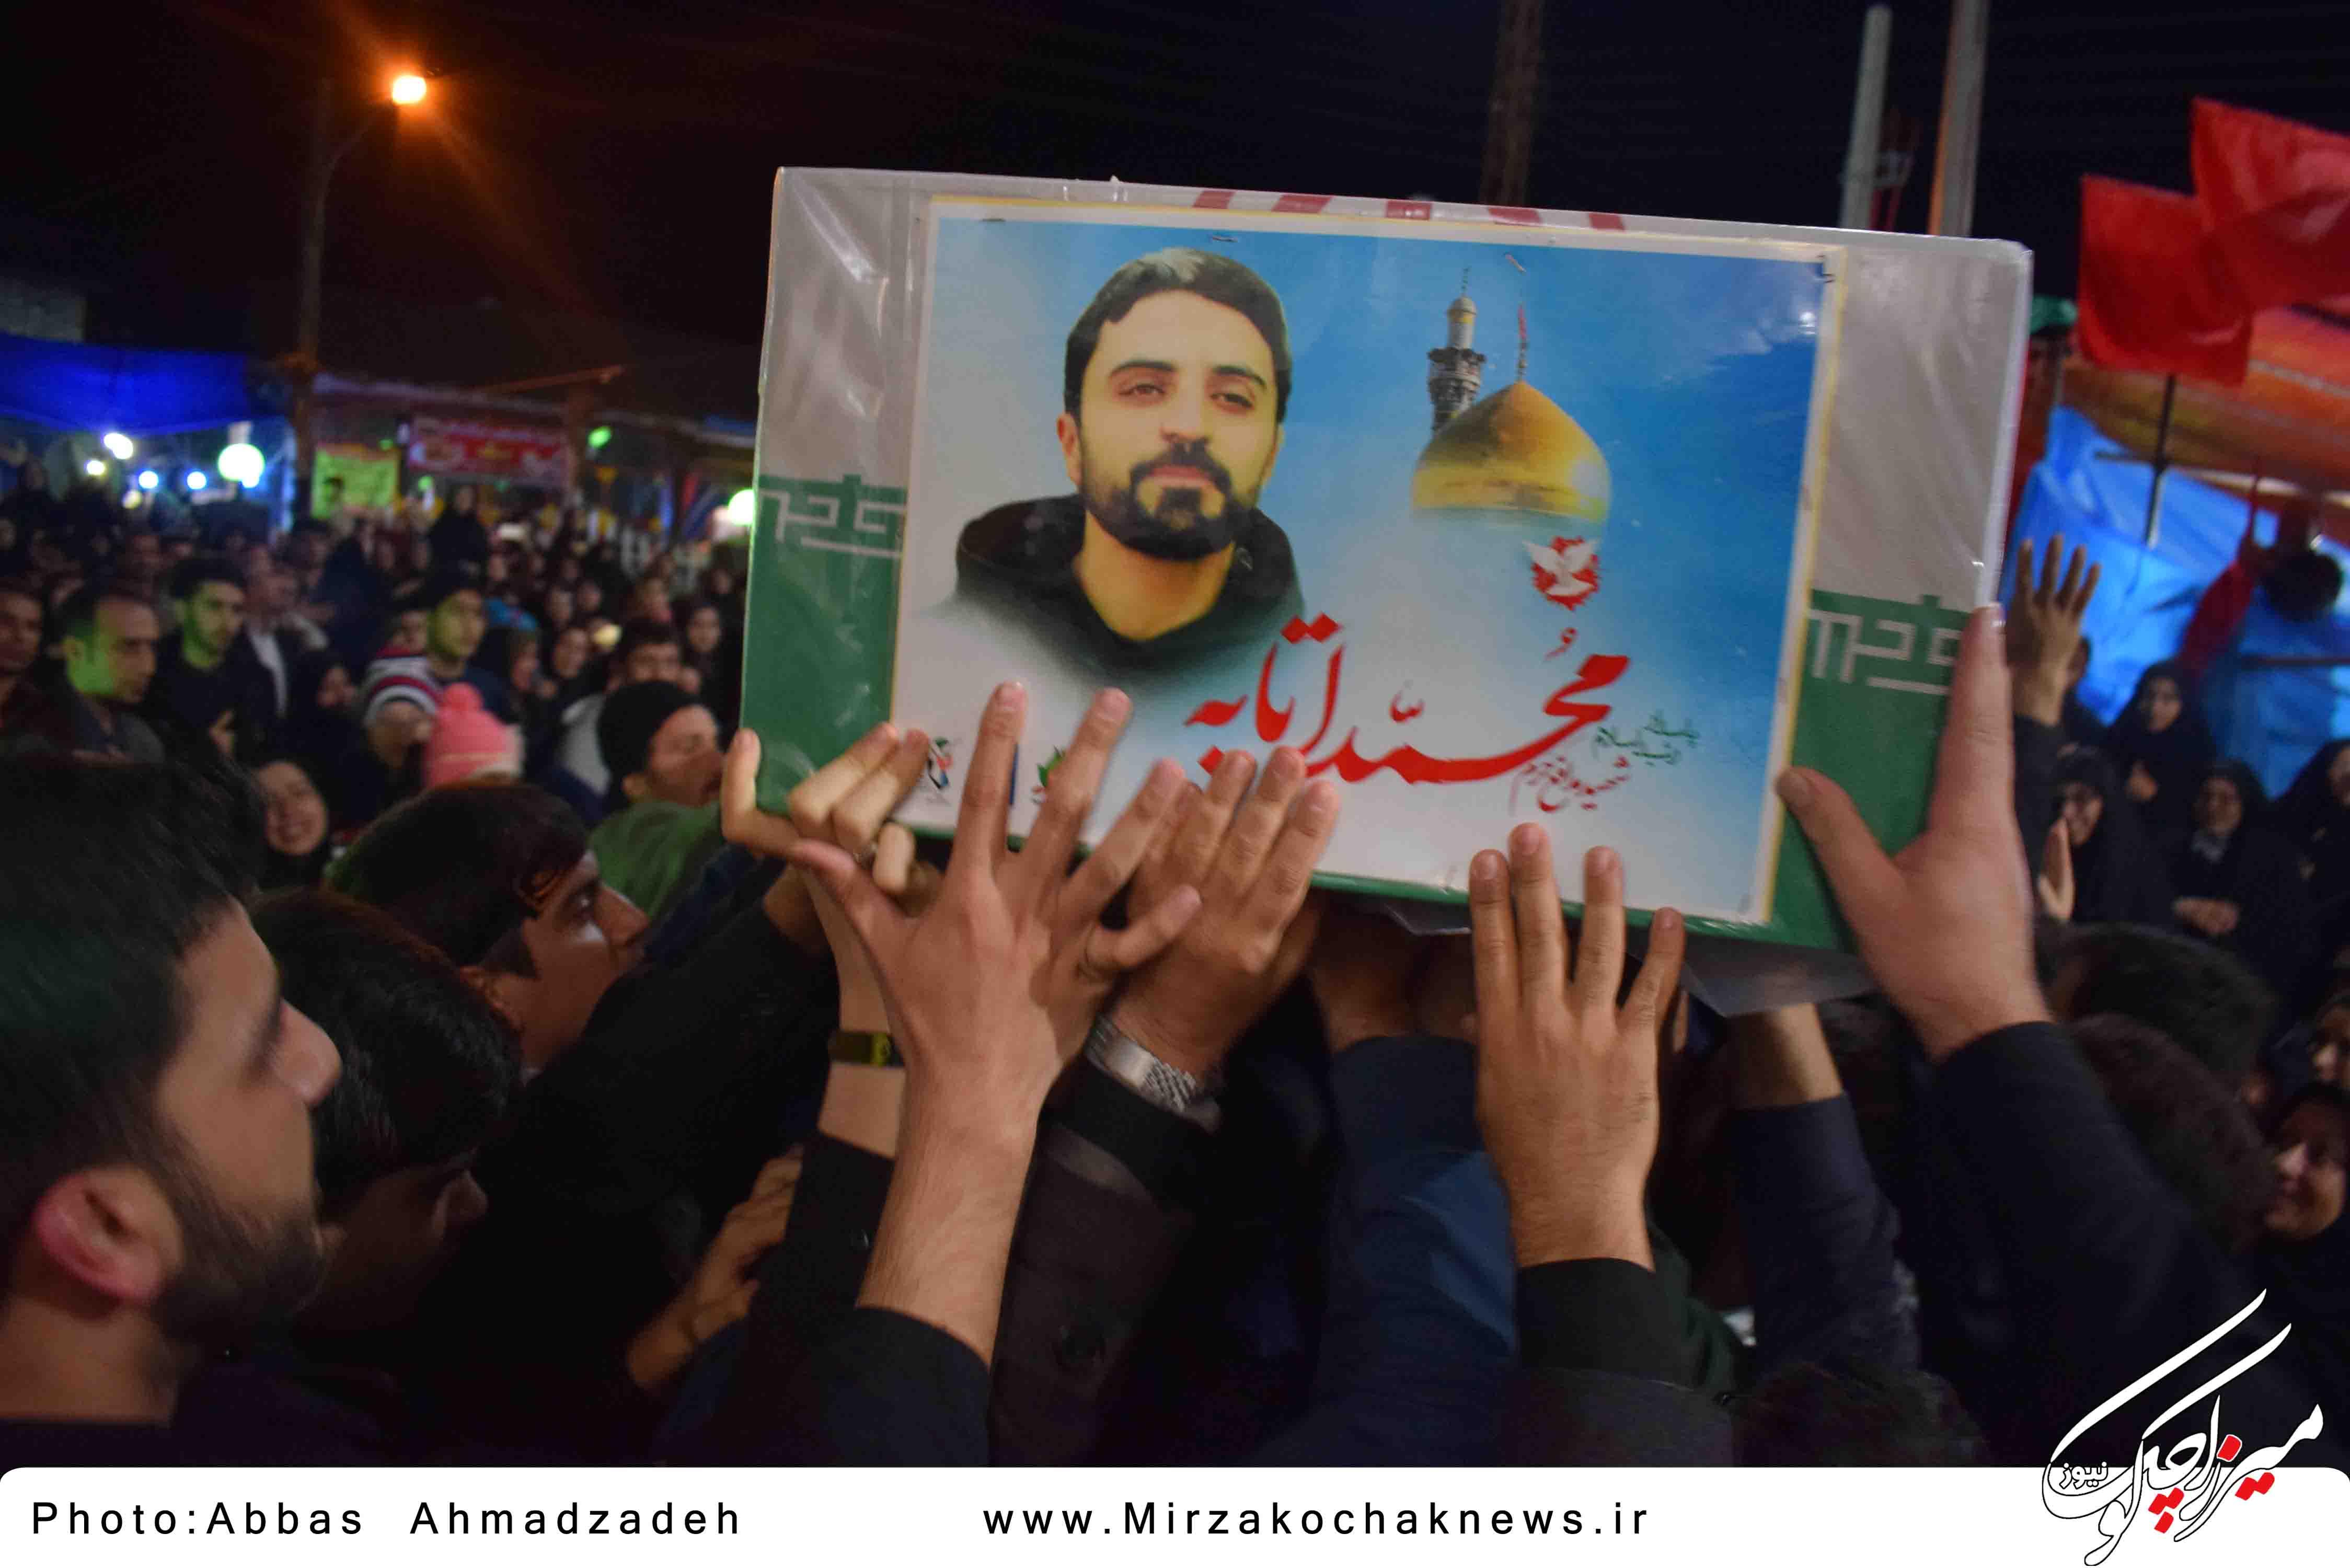 مراسم وداع با اولین شهید مدافع حرم صومعه سرا(شهر گوراب زرمیخ)برگزار شد